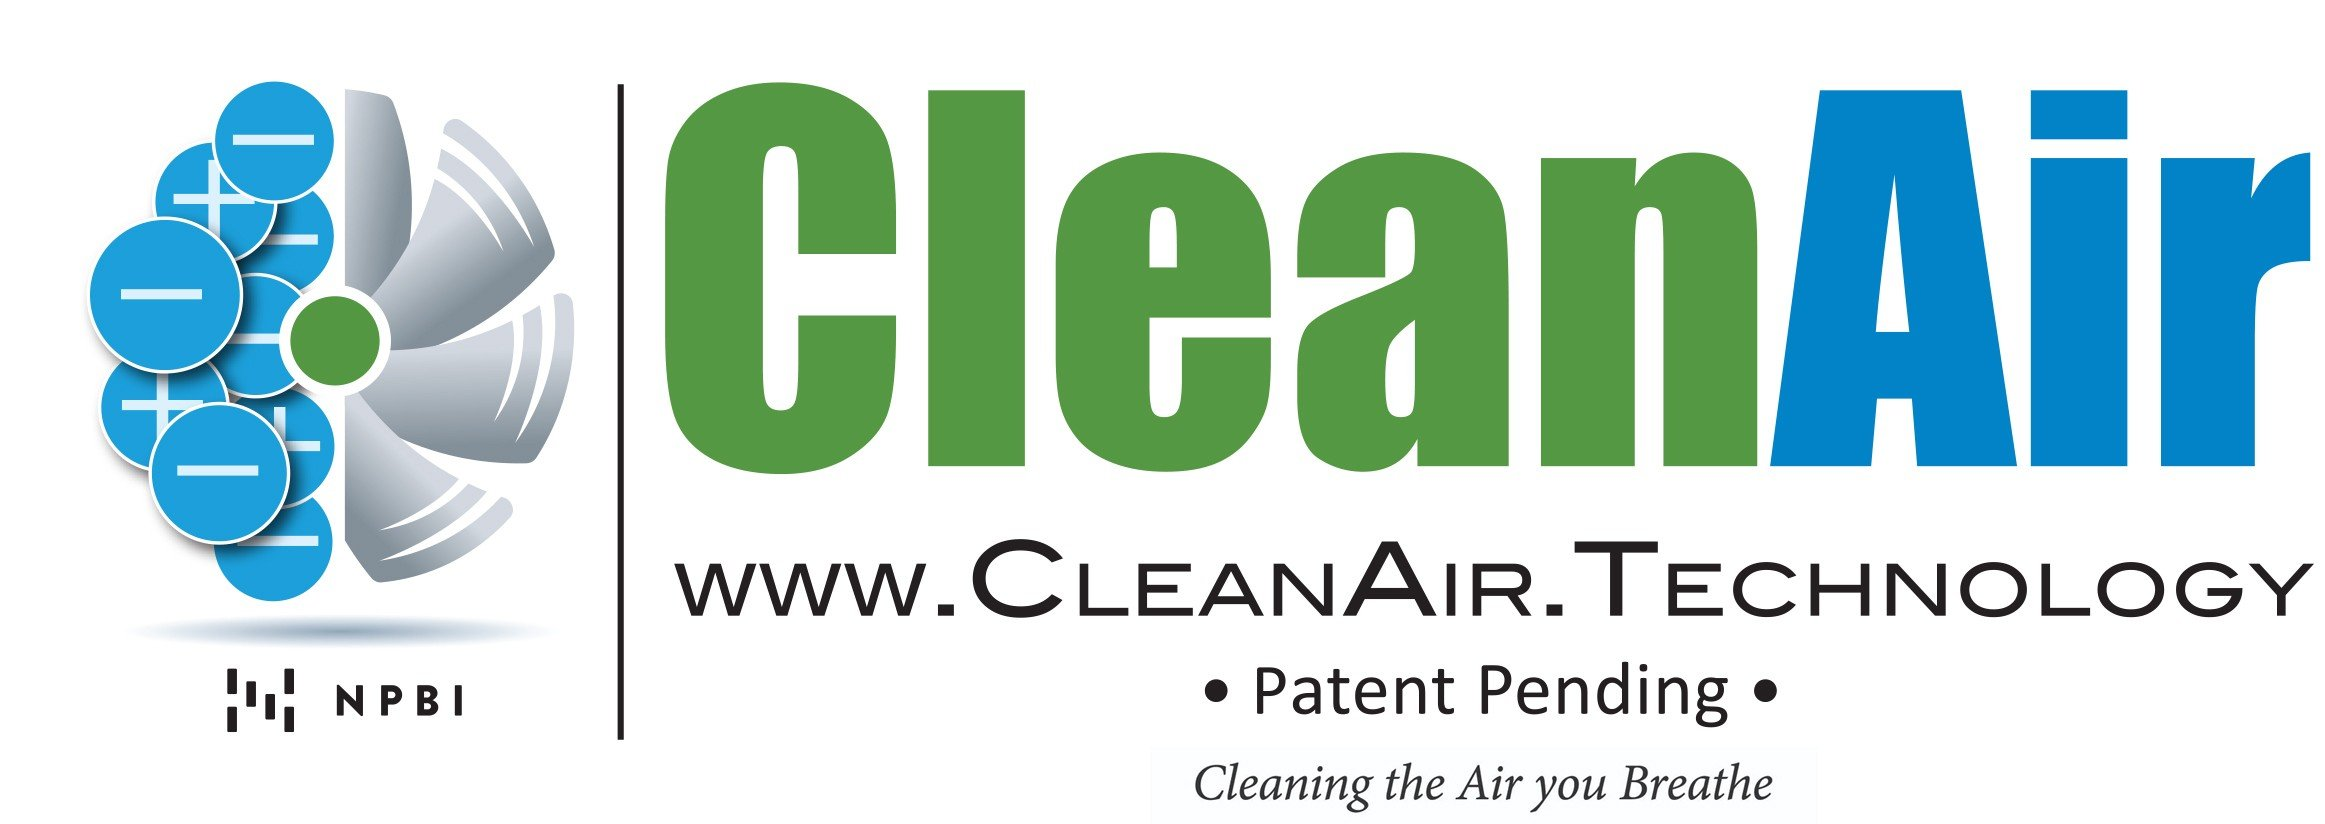 clean air technol;ogy